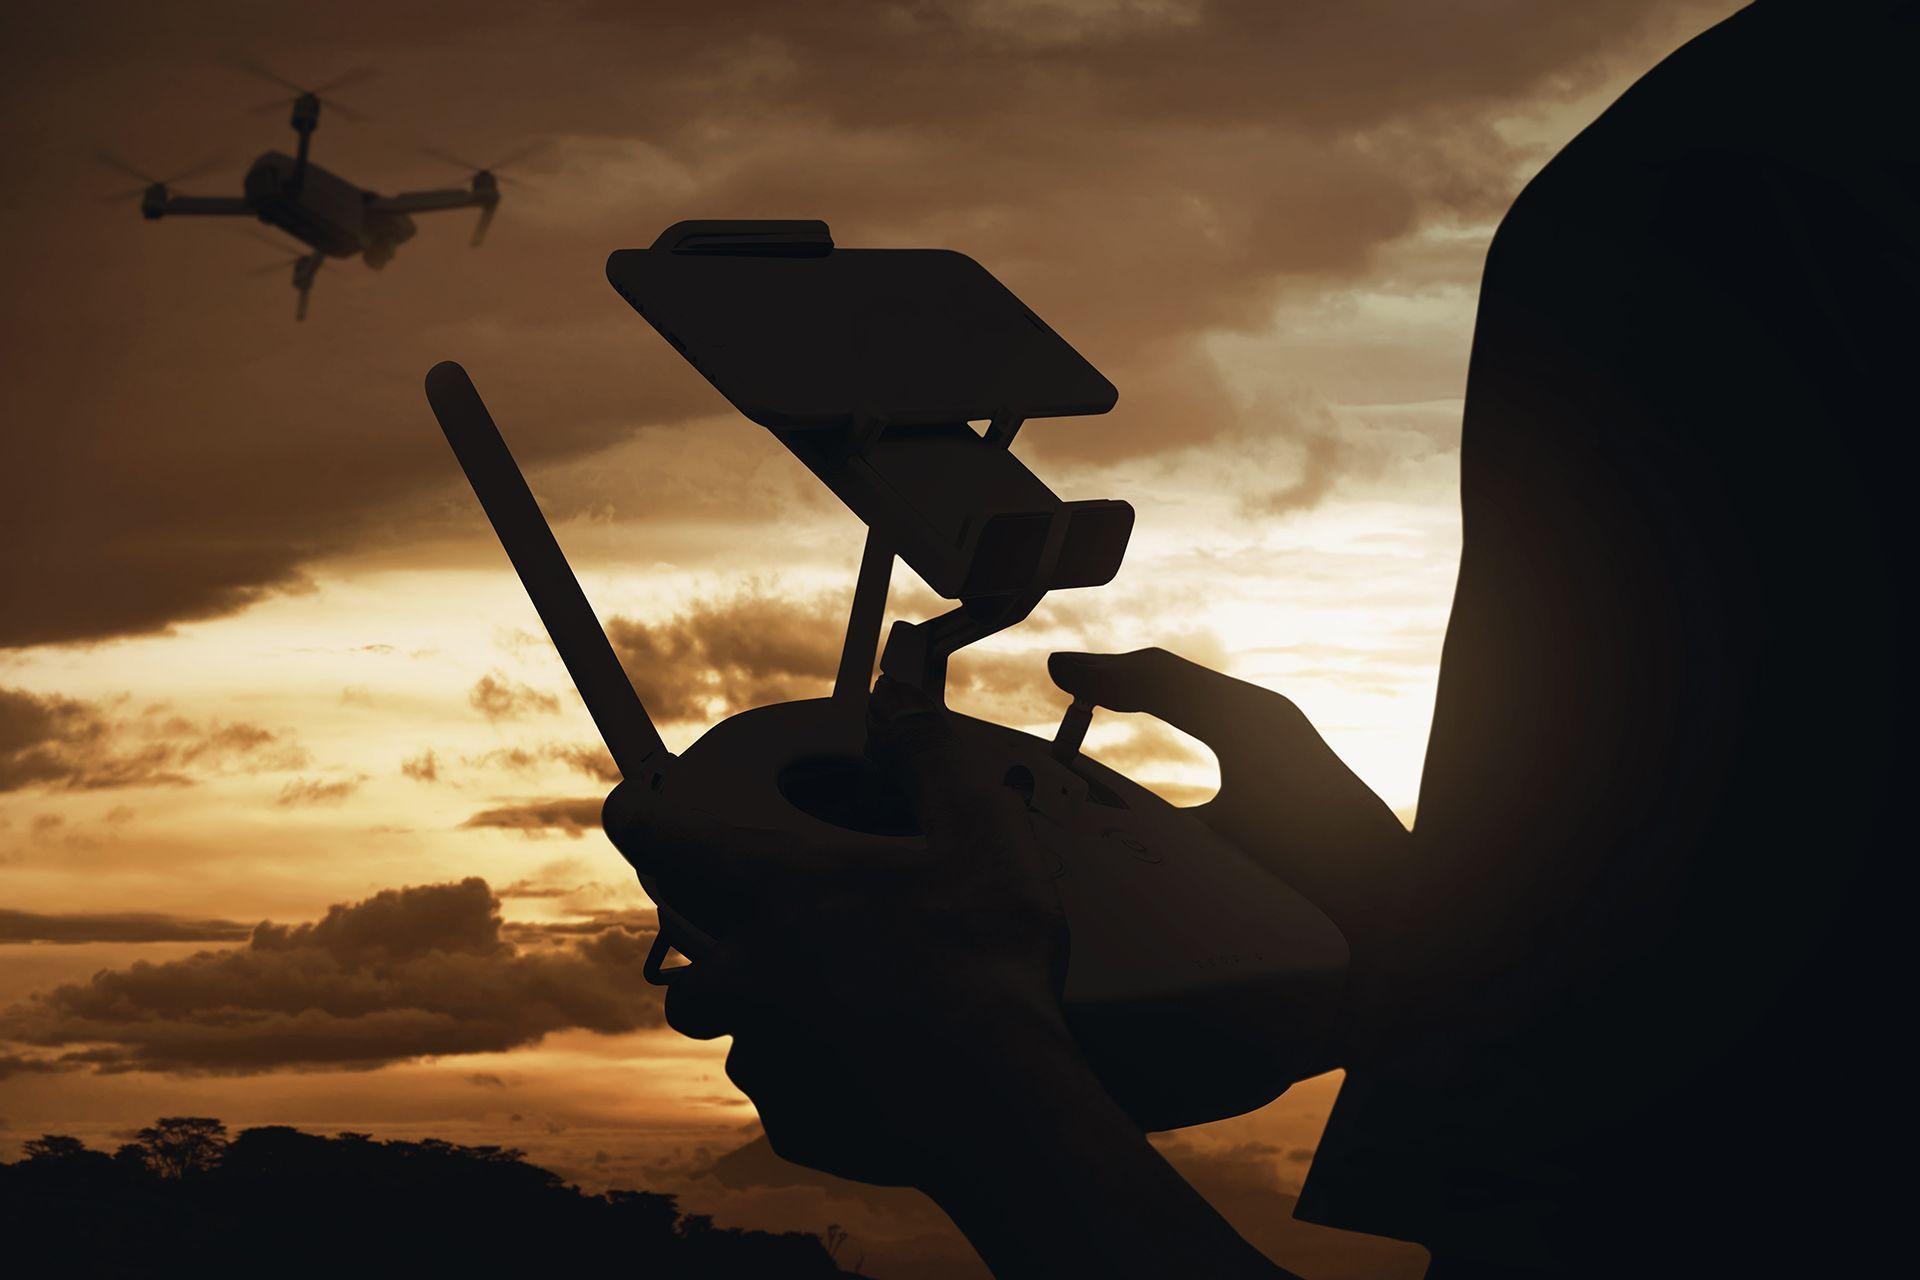 Cuáles son los 3 mejores drones profesionales y baratos de iniciación